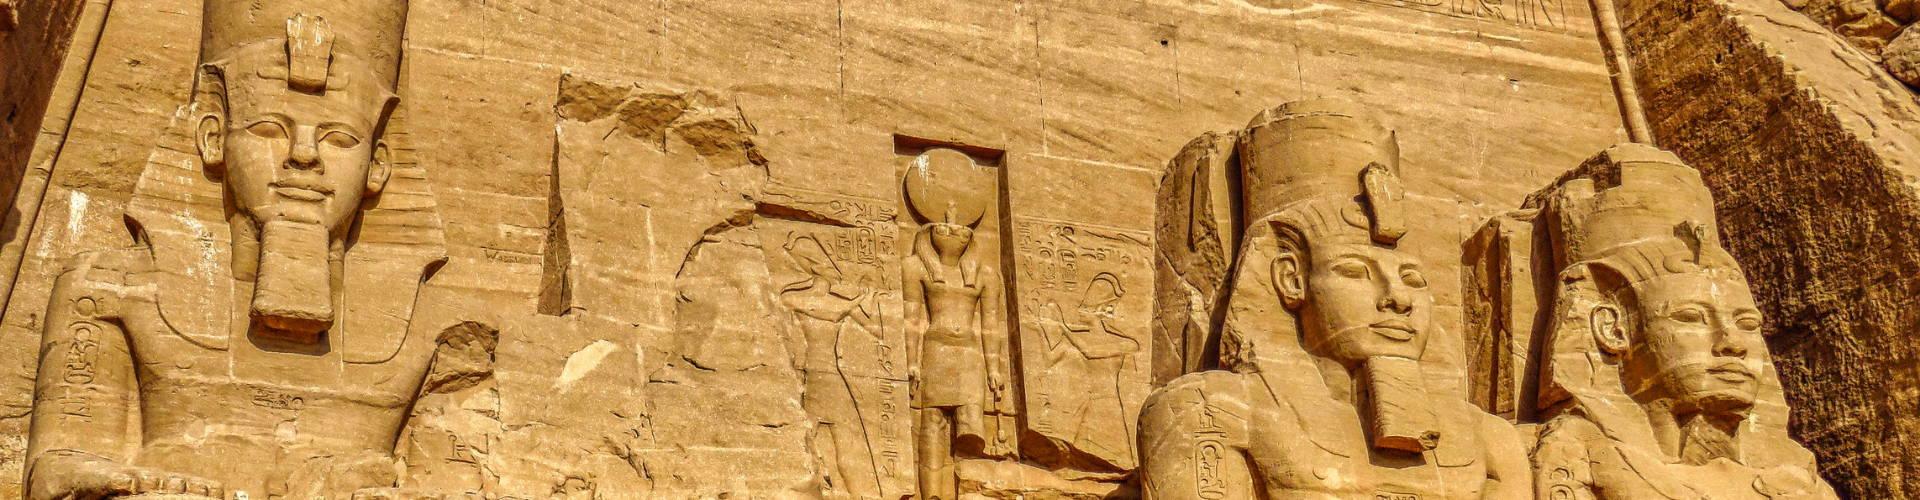 egypt leader